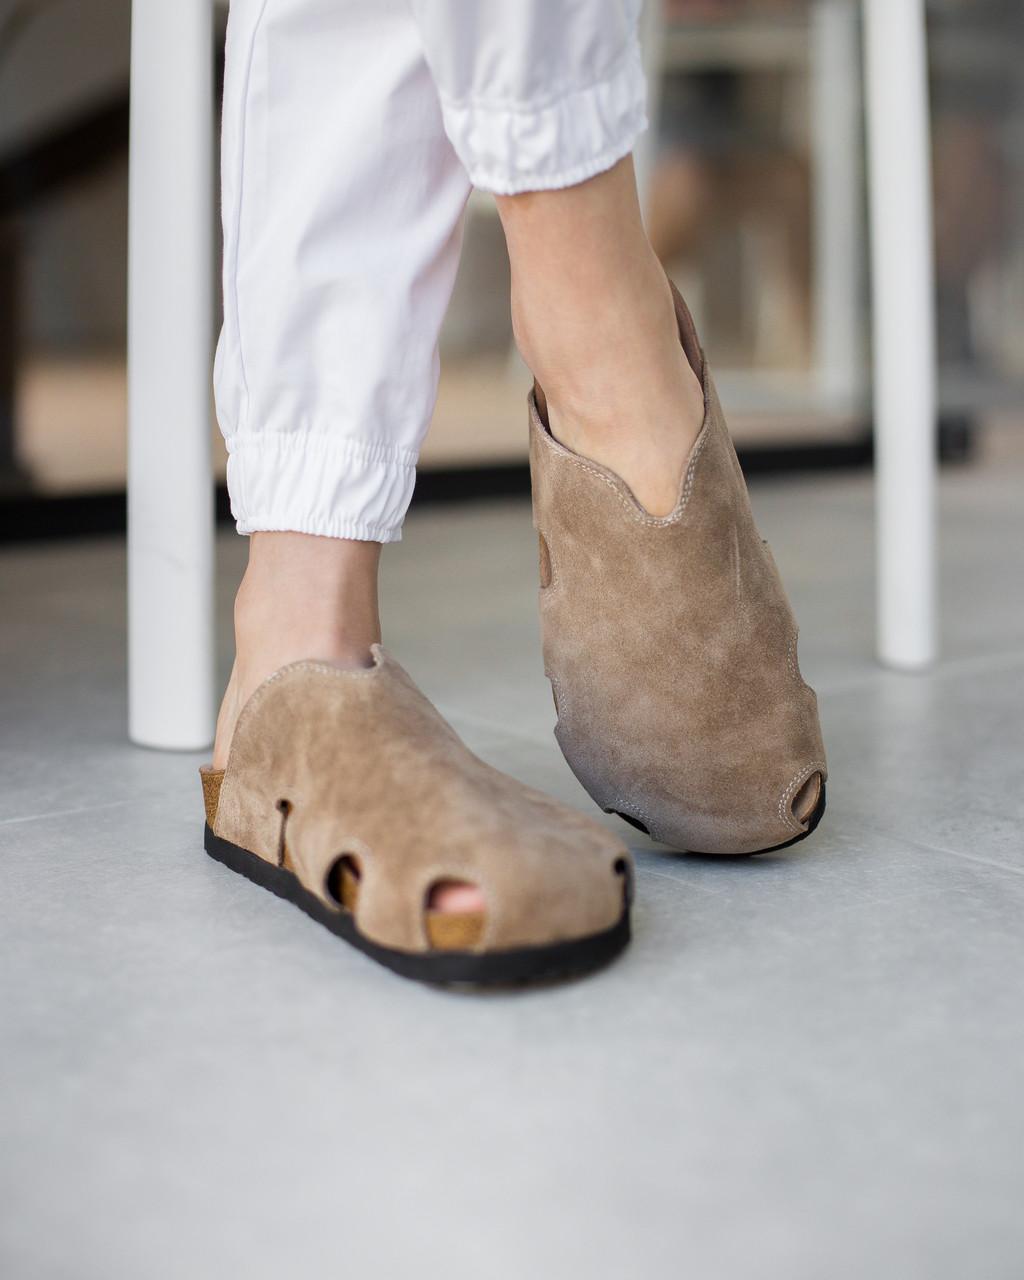 Обувь медицинская сабо ортопедические замшевые песочные